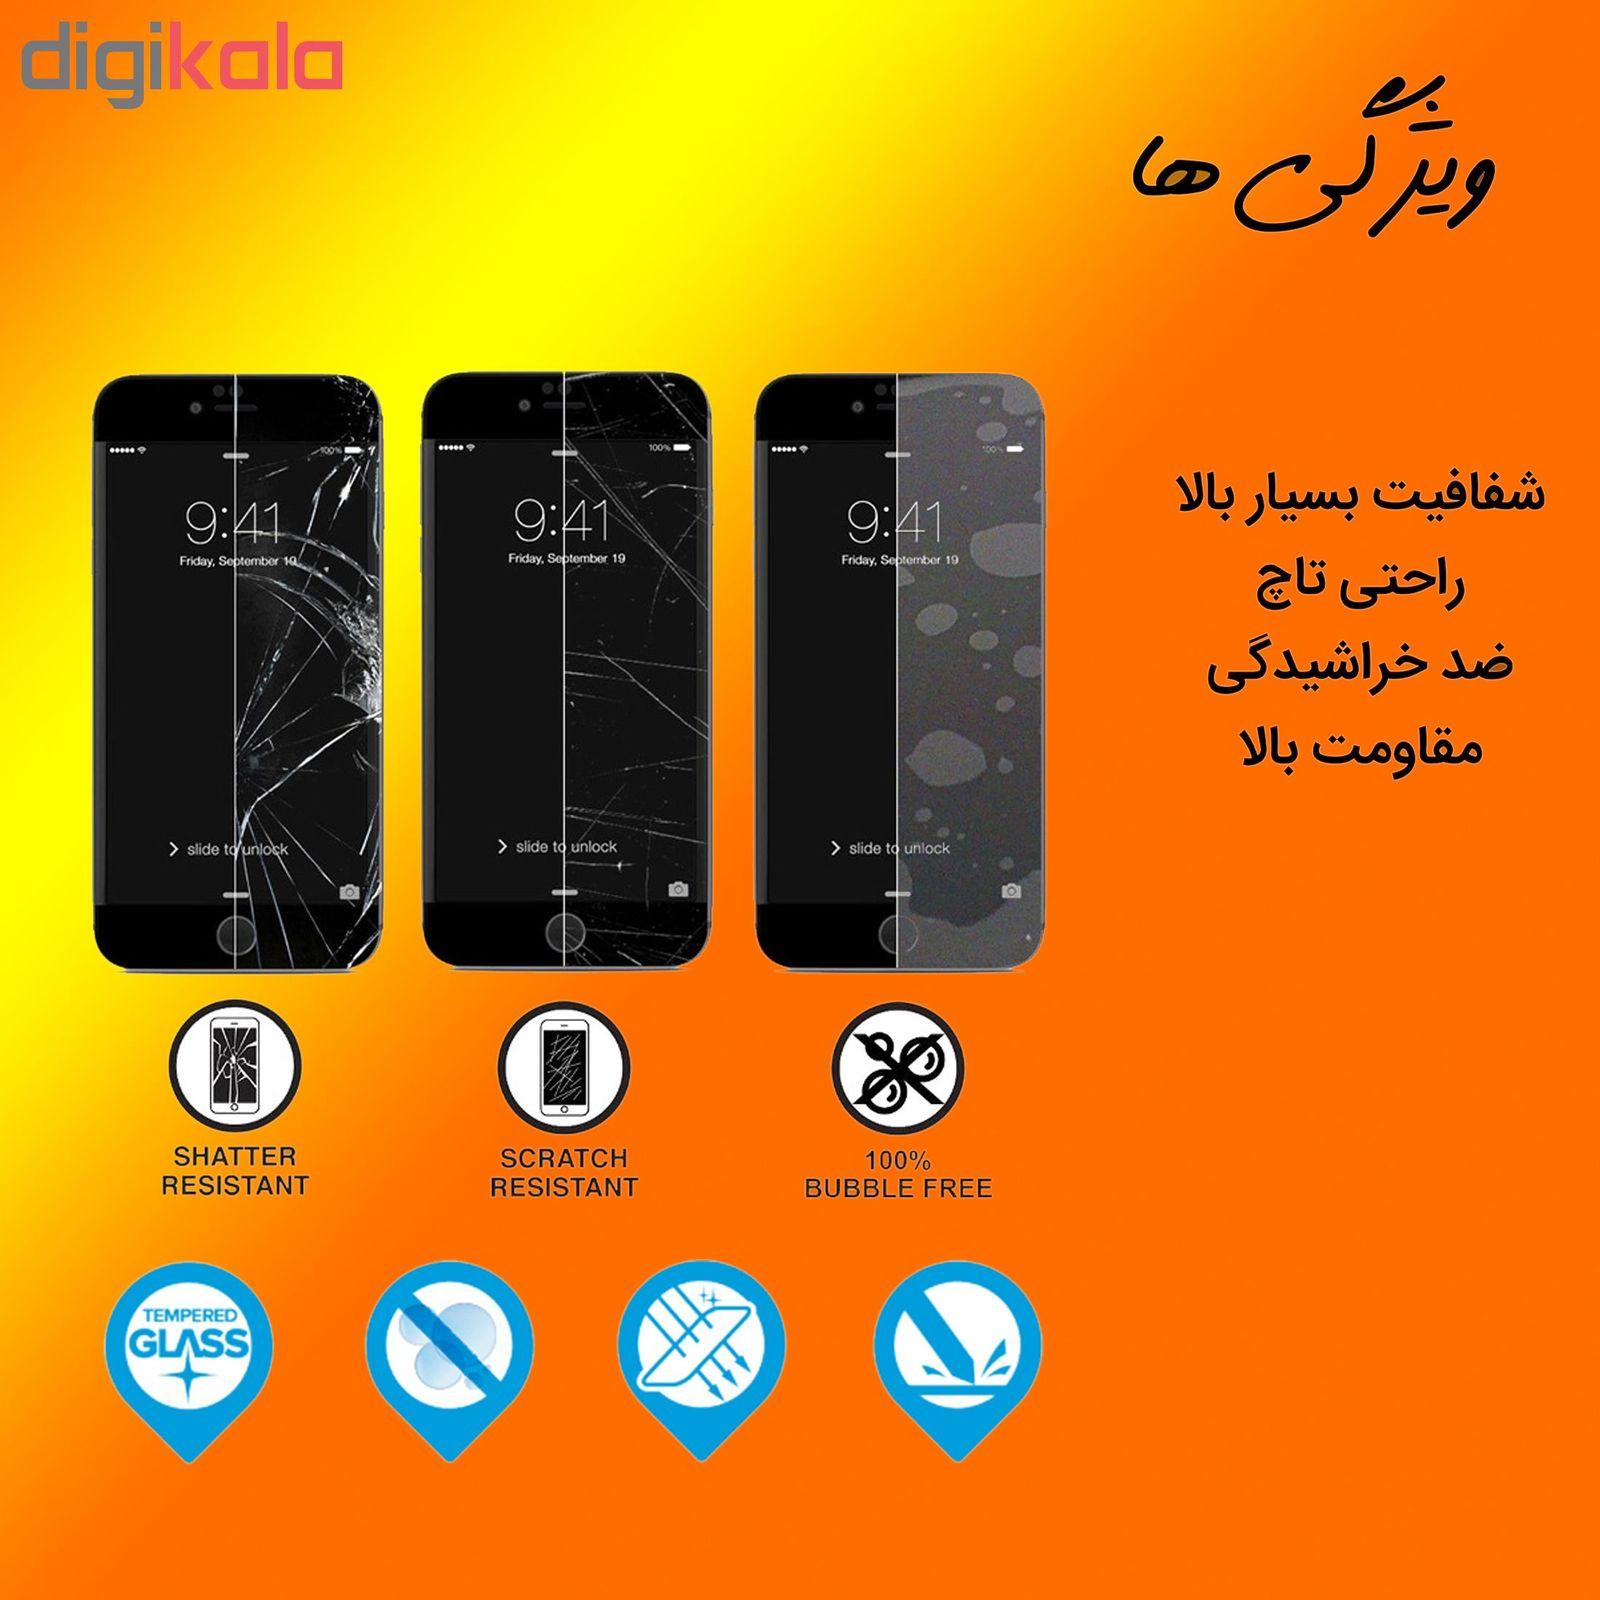 محافظ صفحه نمایش  و پشت گوشی Hard and Thick مدل F-01 مناسب برای گوشی موبایل اپل Iphone X/Xs main 1 2